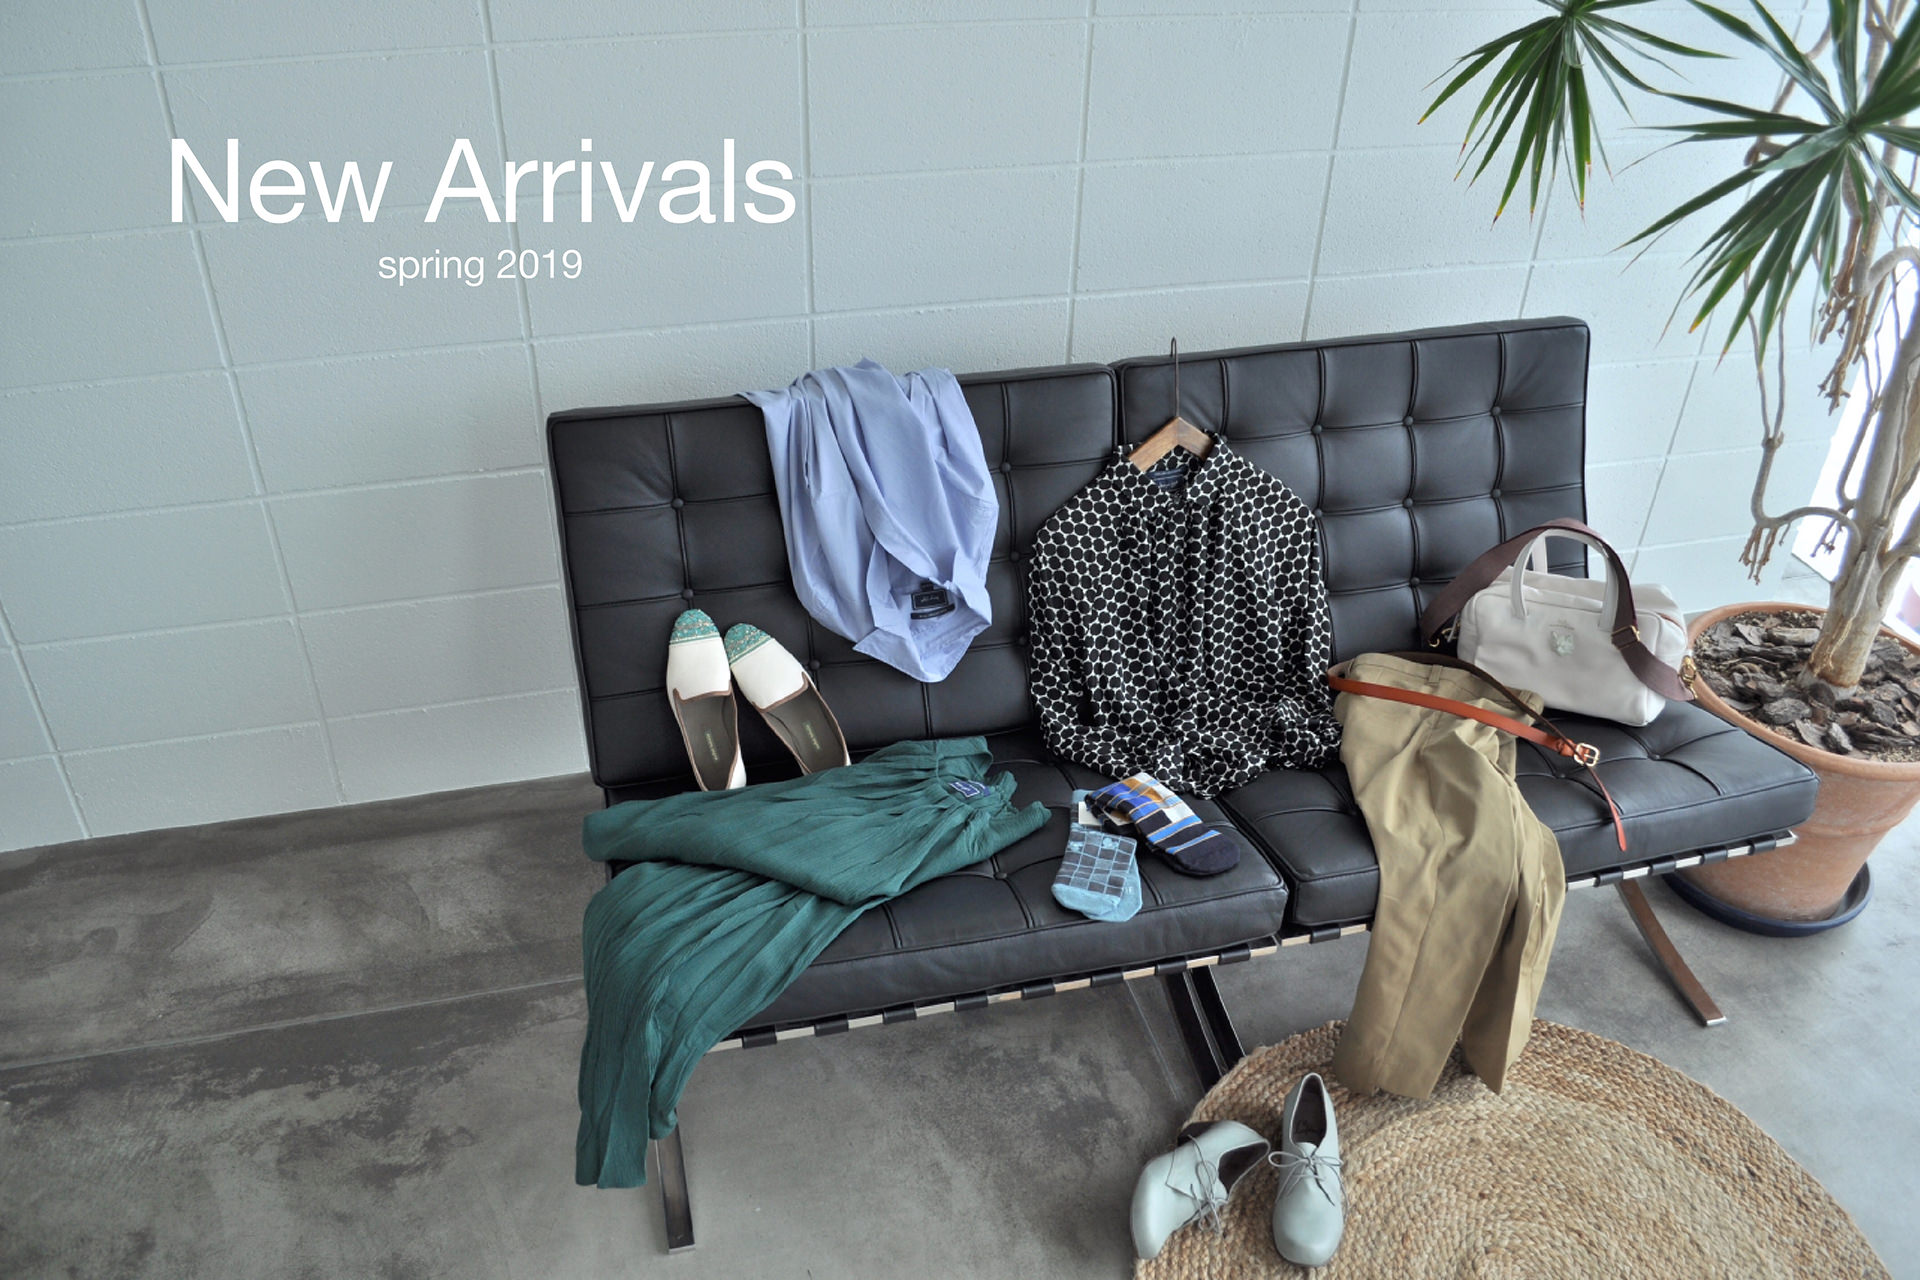 https://gigot.jp/news/new-arrivals/